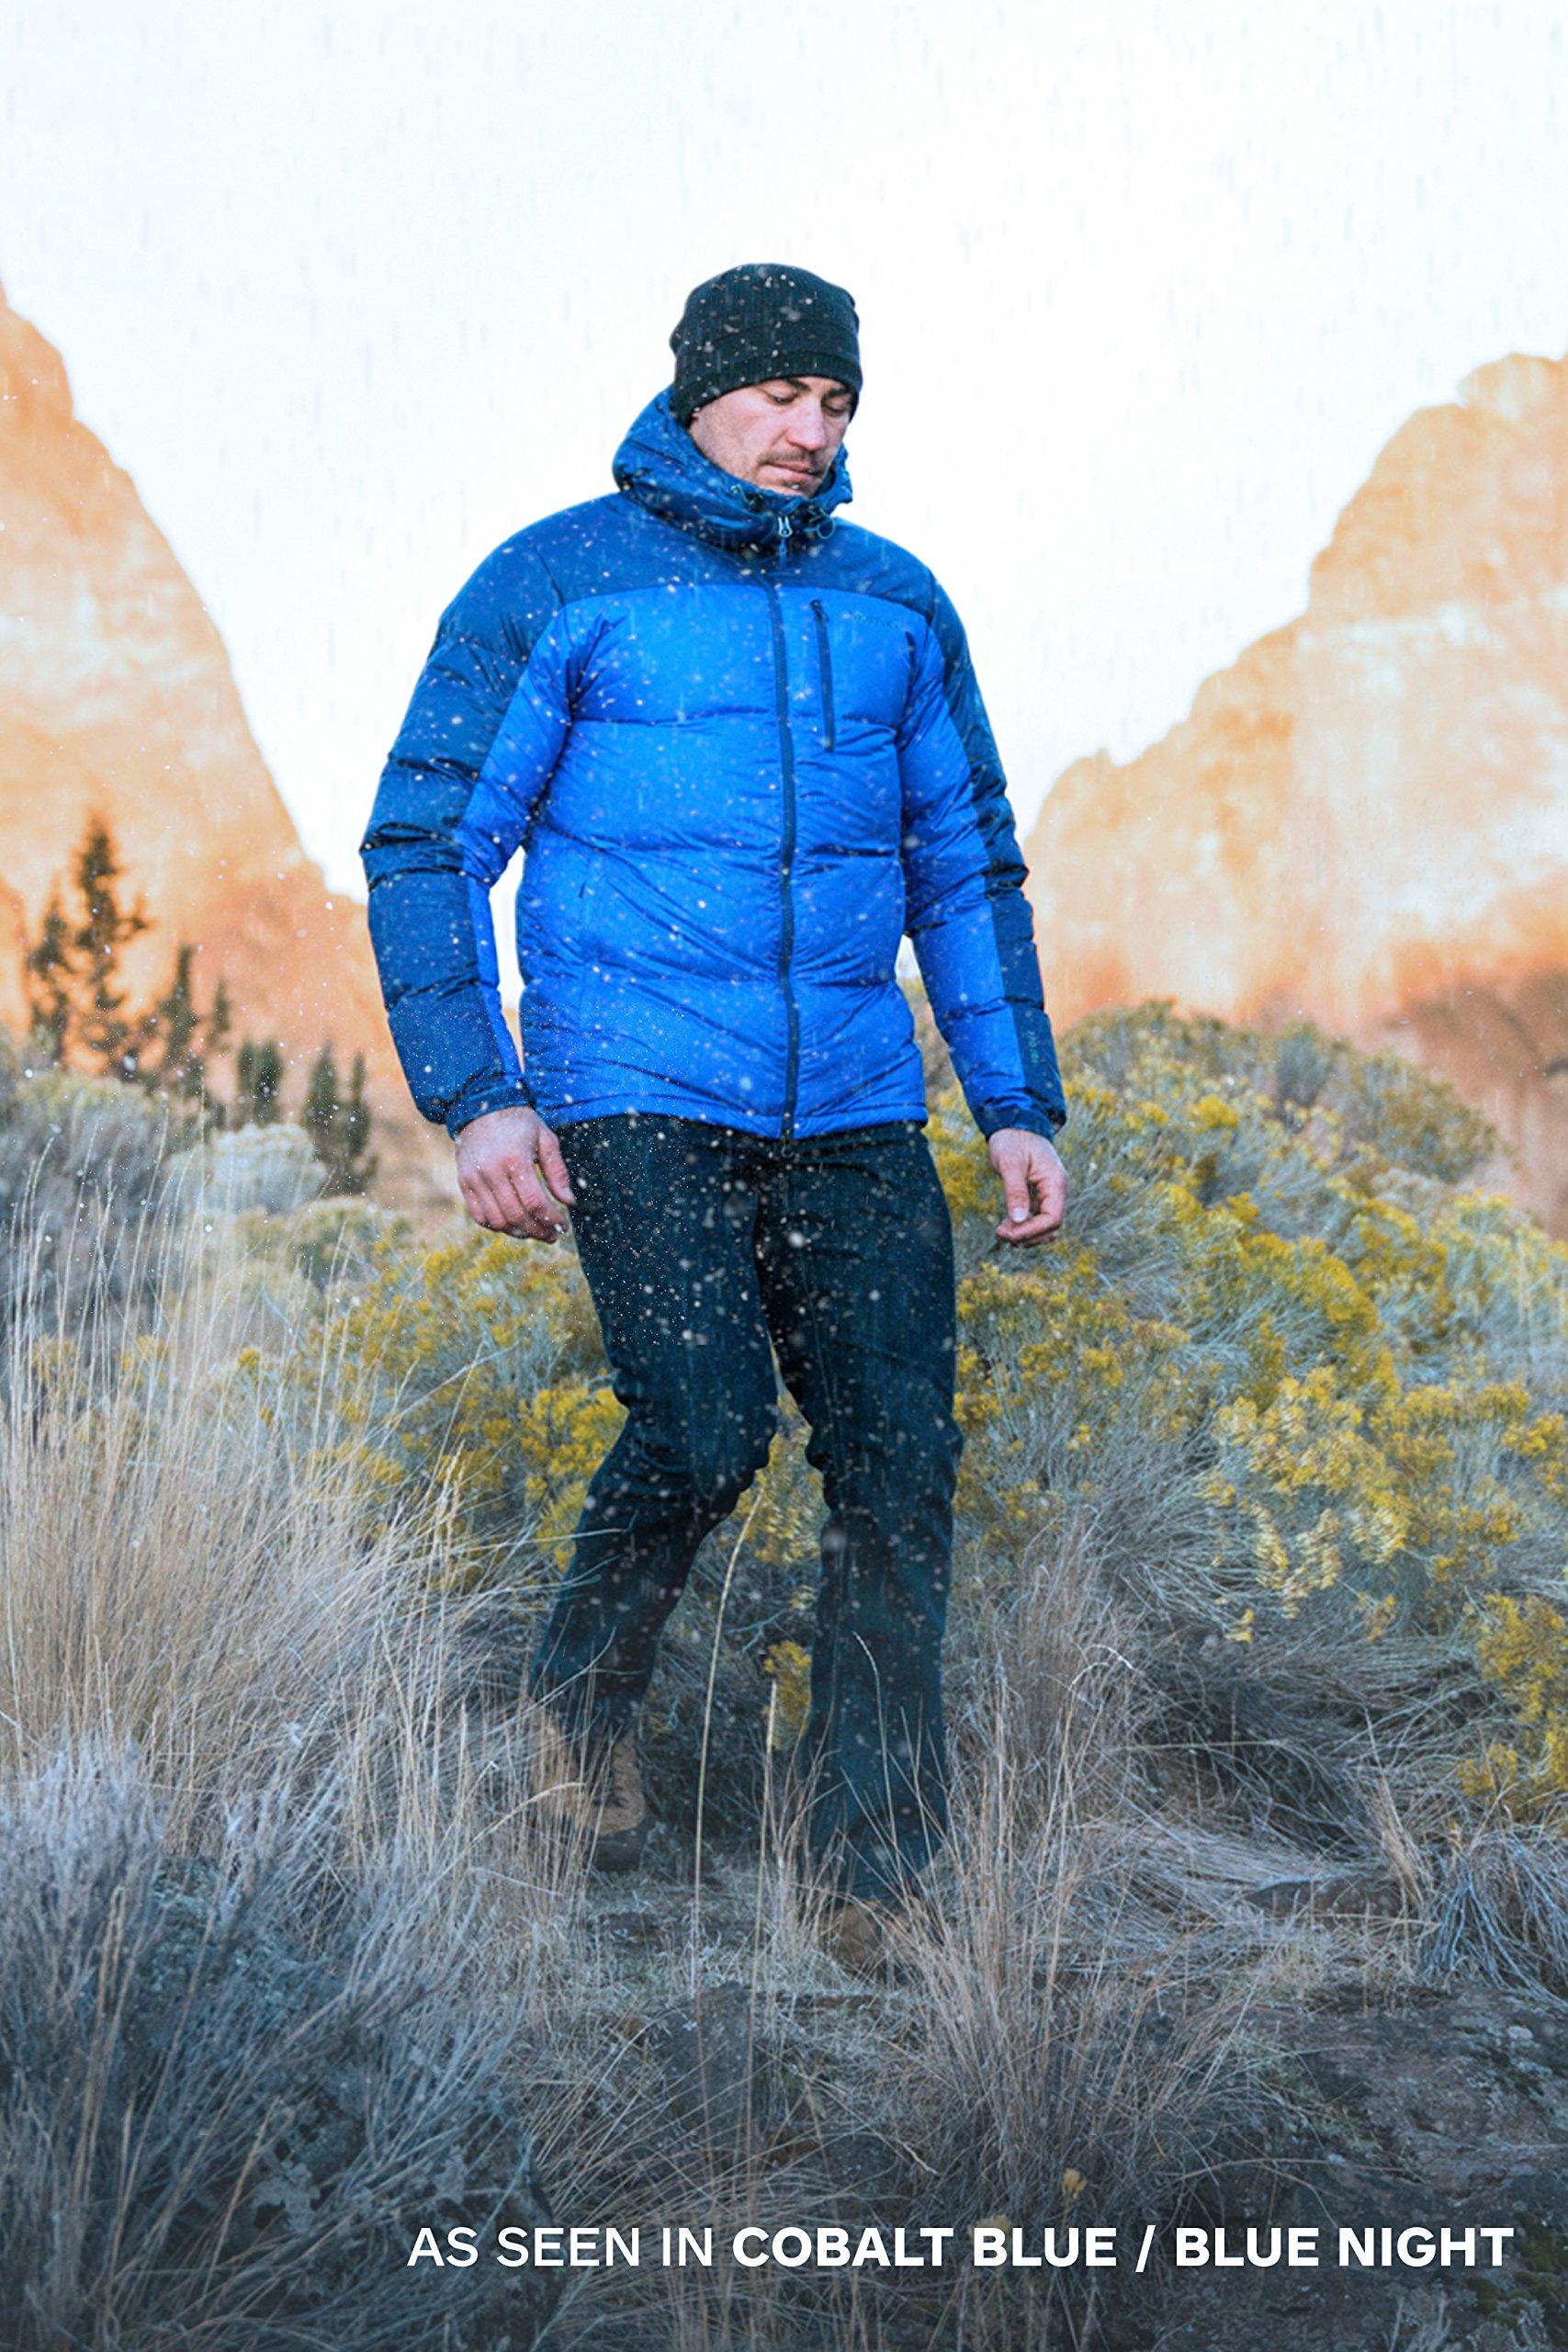 91xt%2BMxnpVL - Marmot Guides Down Winter Puffer Jacket with Hood, Men, 700 Fill Power Down